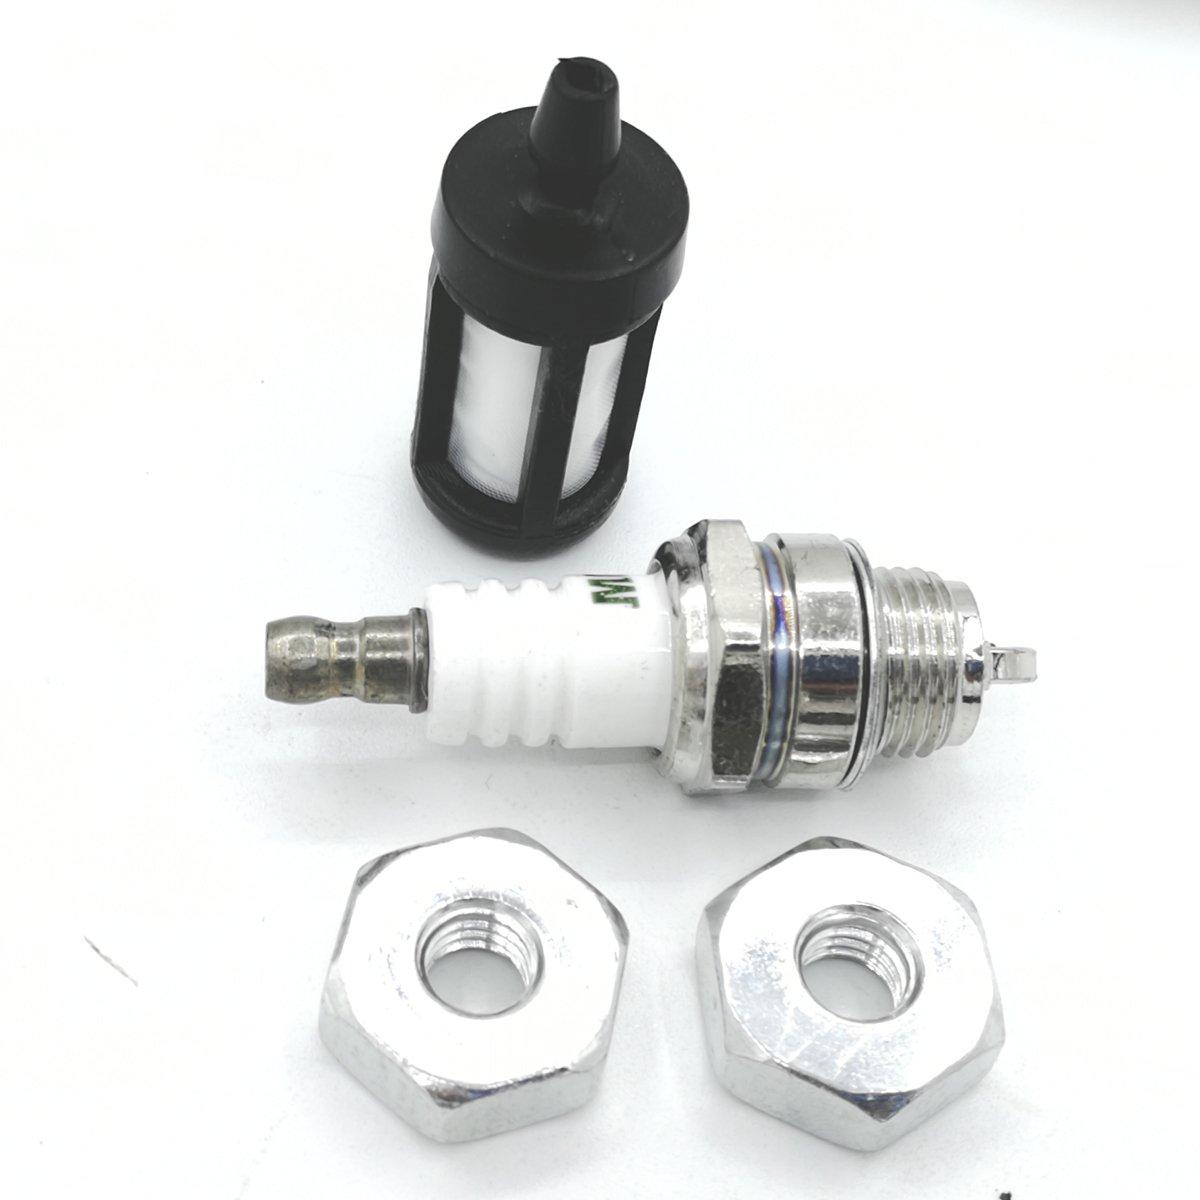 Shioshen Barre /Écrous Bougie dallumage filtre /à carburant kit pour Stihl Ms460/Ms441/Ms390 c/âble vid/éo MS250/MS230/MS210/Ms200t 017/018/021/023/025/MS170/MS180